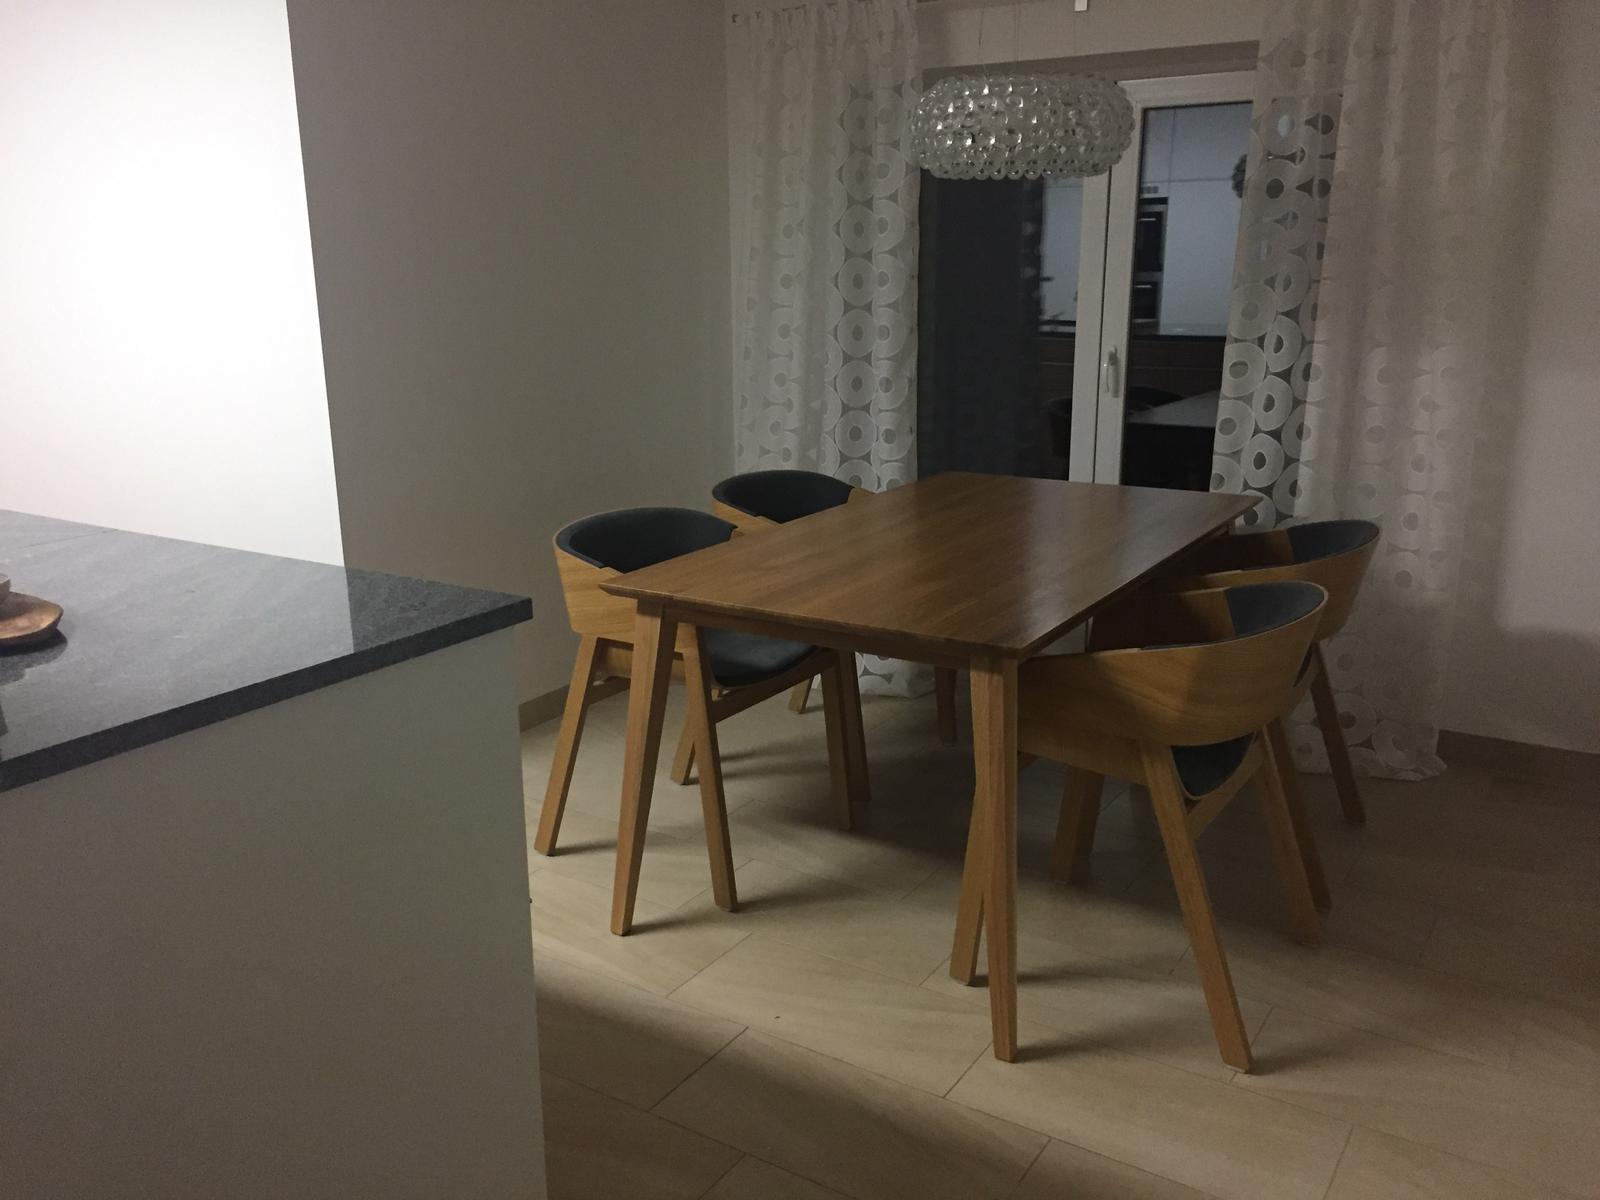 Dům už máme postavený, teď z něho děláme DOMOV - pro @nela94 - celý stůl